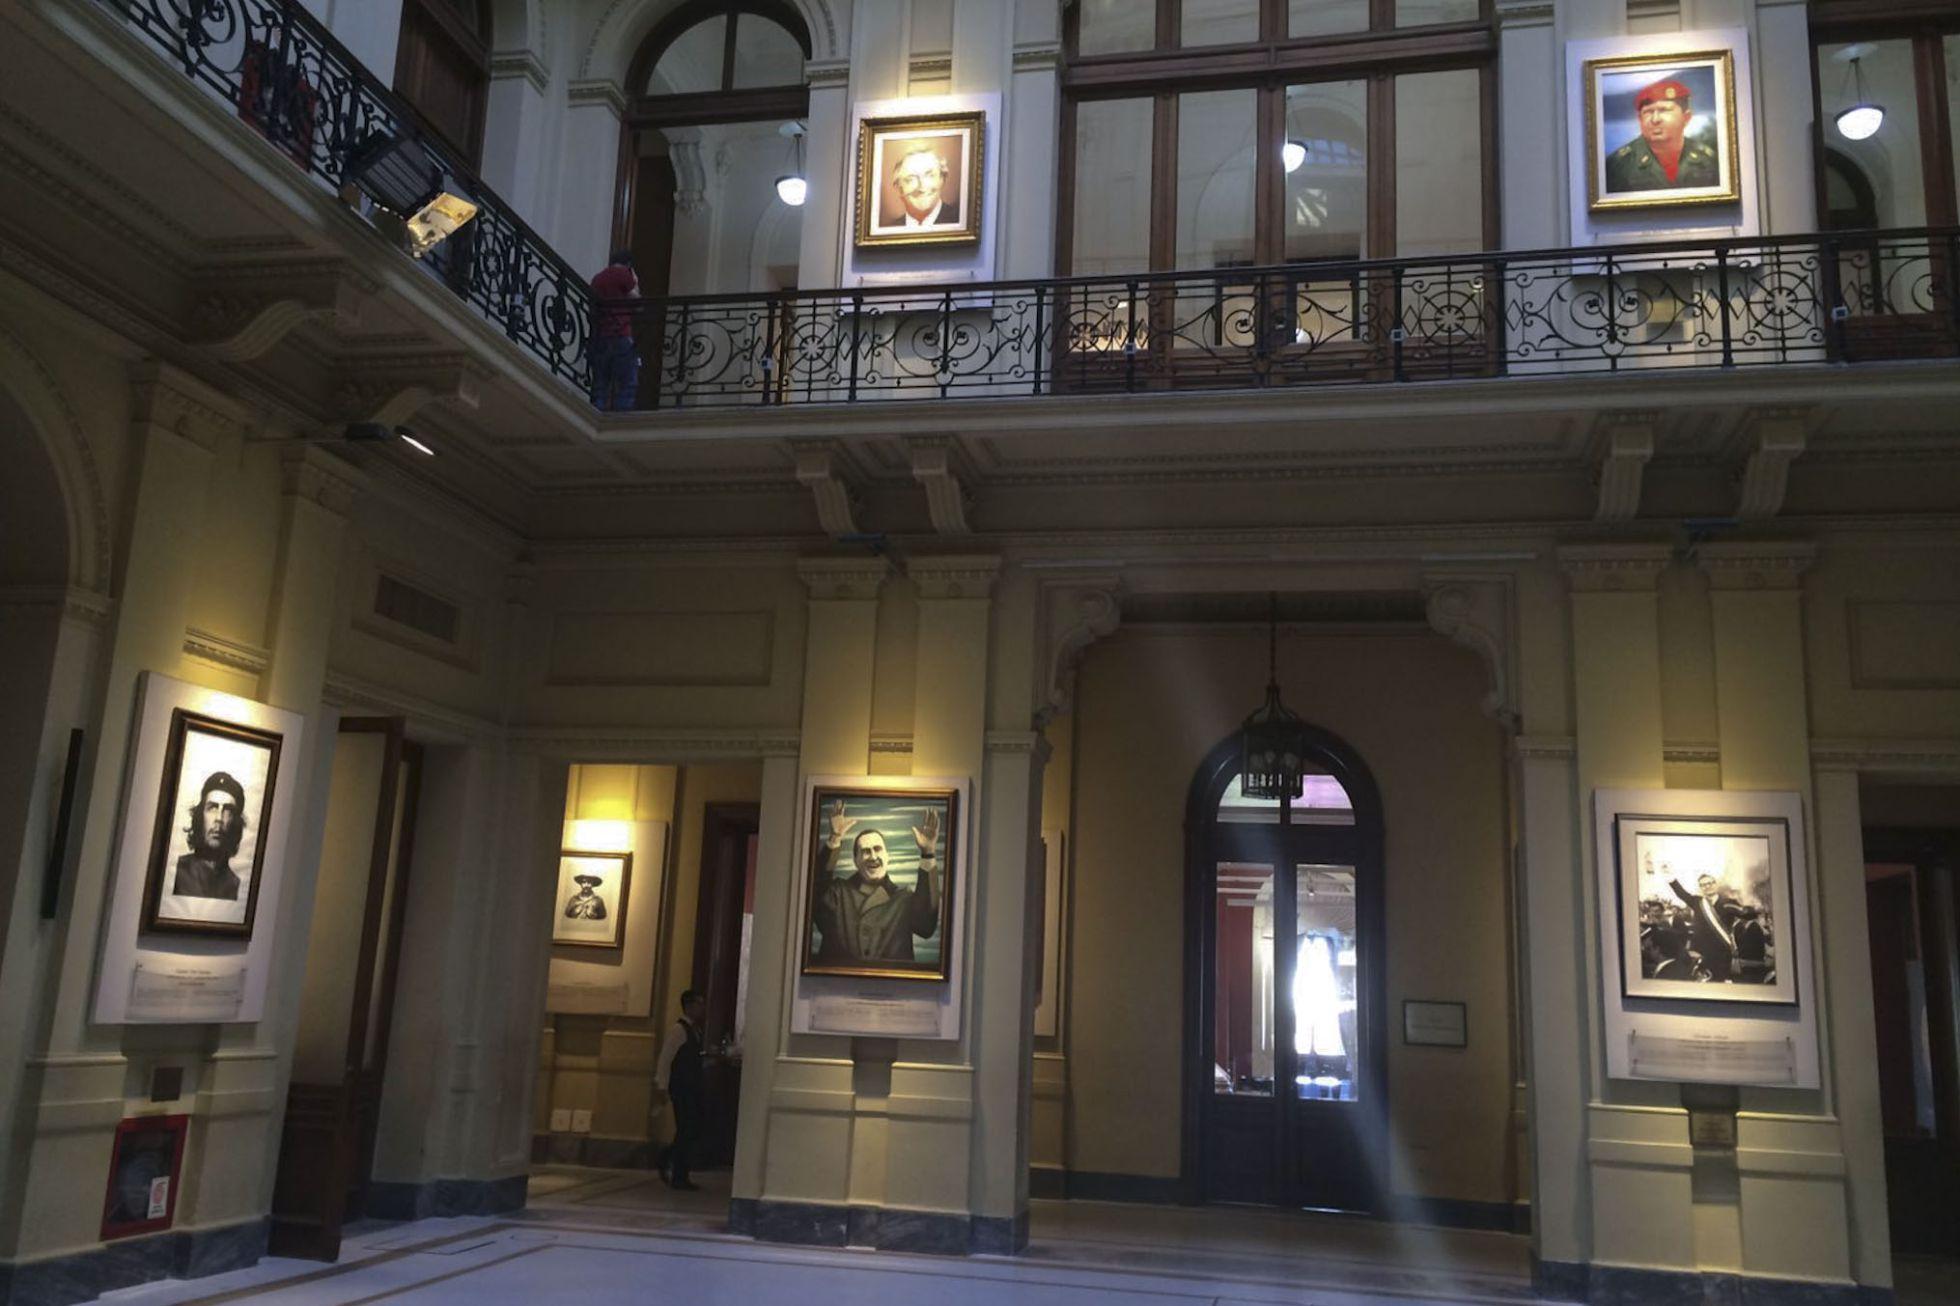 Macri retira retratos de kirchner y hugo ch vez de la casa - La casa del cuadro ...